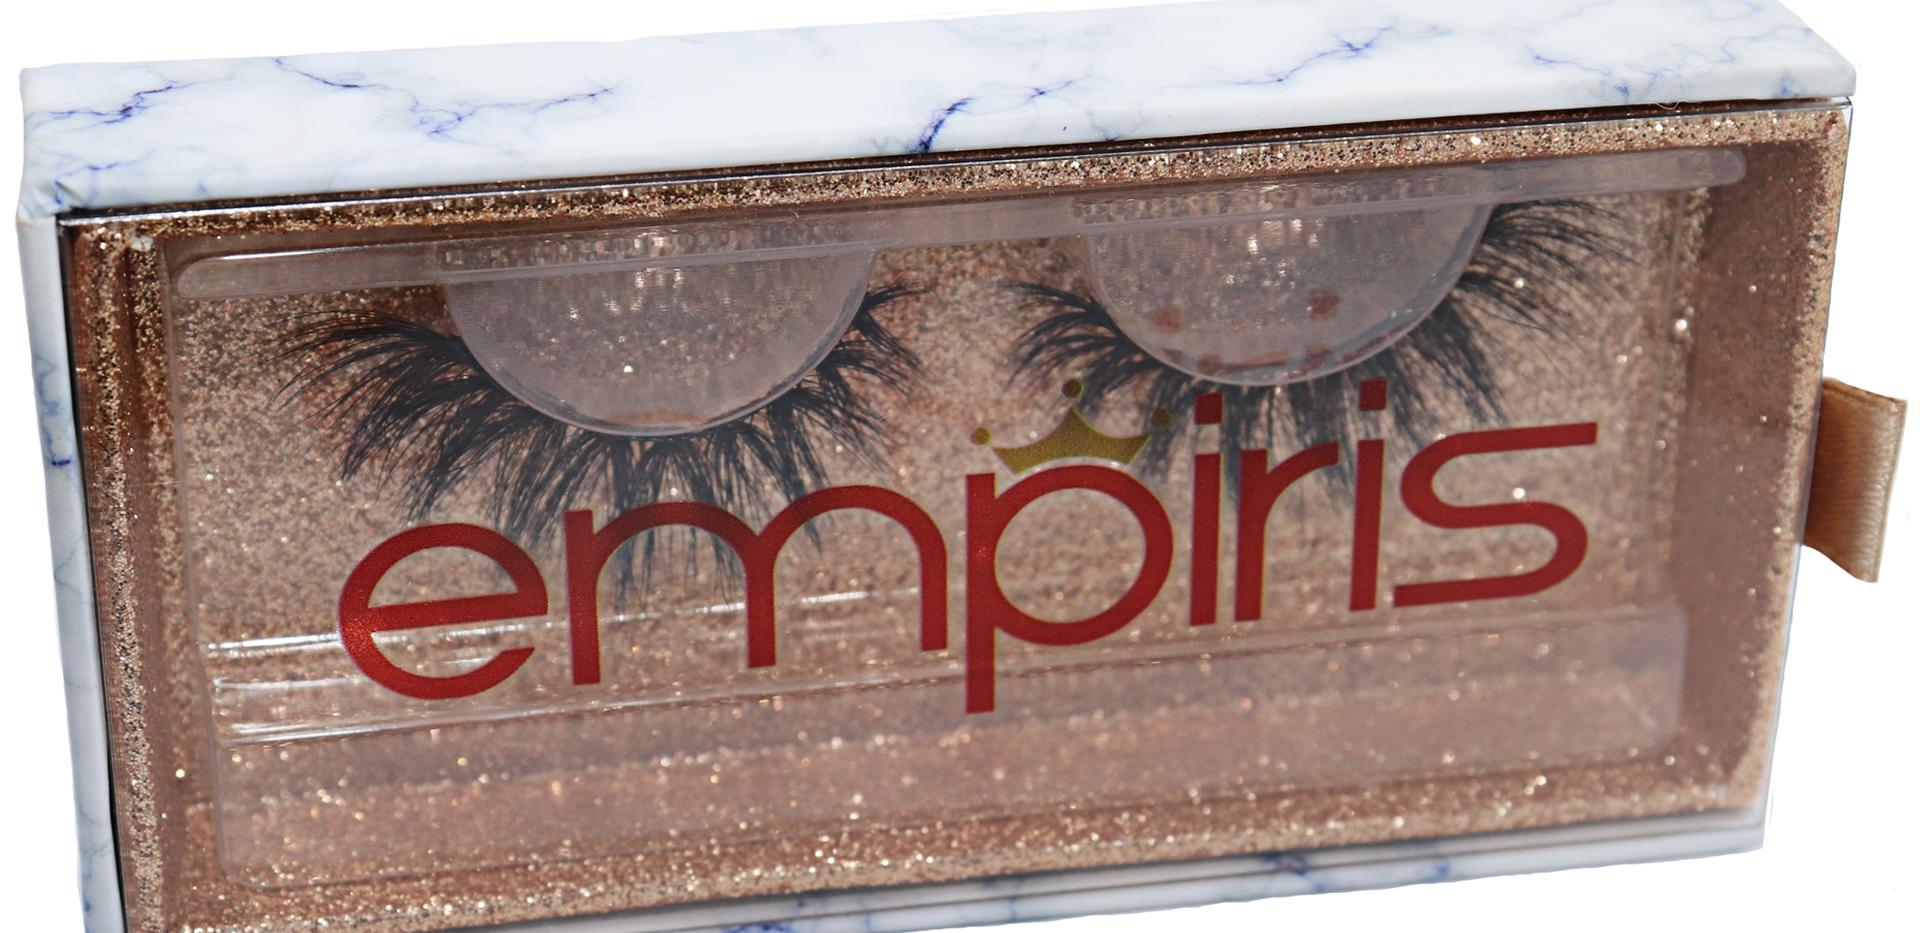 Empiris Box 2 2048 x 2048 .png